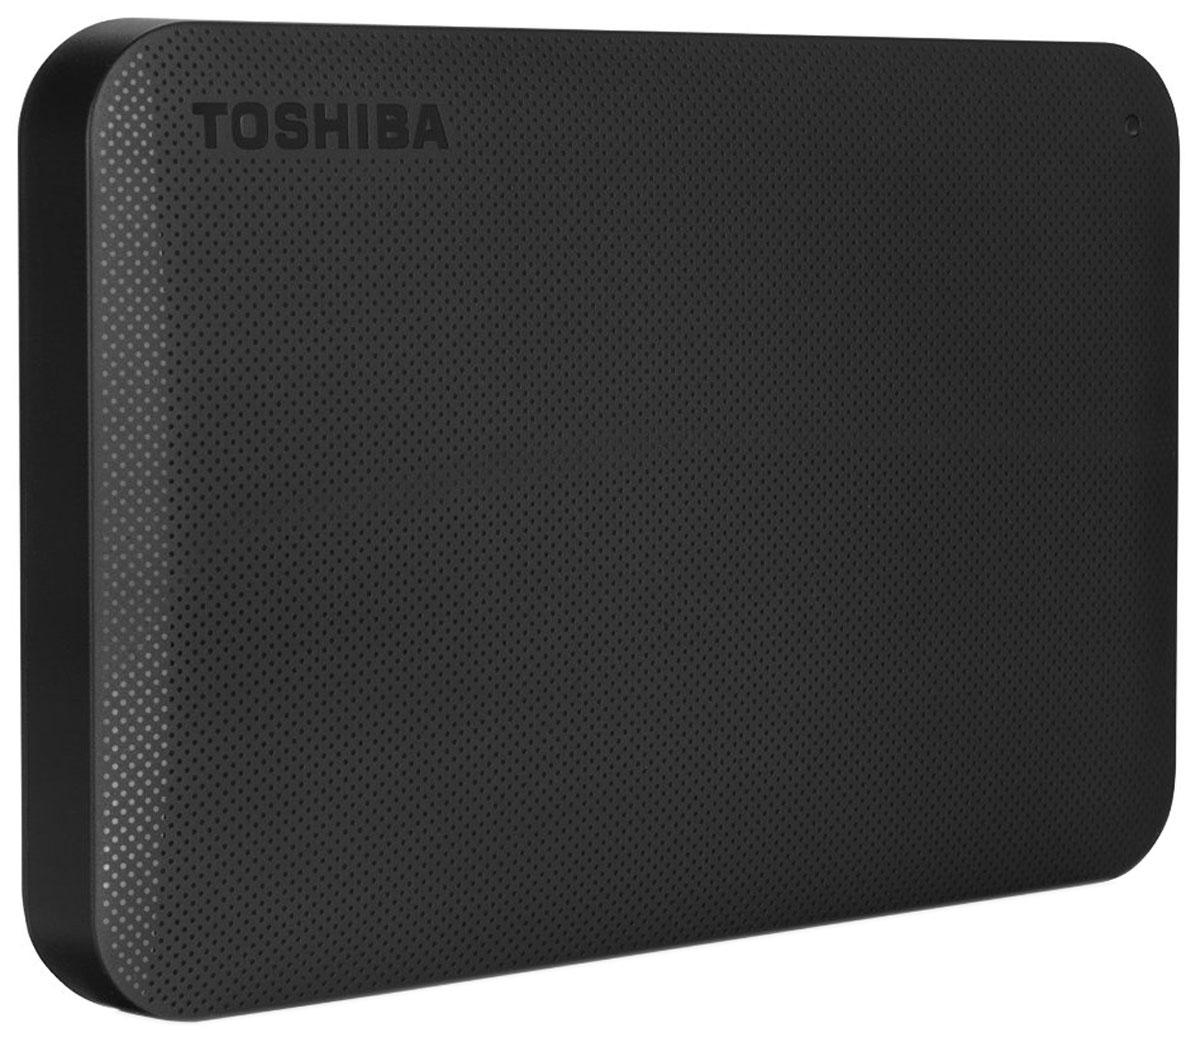 Toshiba Canvio Ready 3TB, Black внешний жесткий диск (HDTP230EK3CA)HDTP230EK3CAВнешний жесткий диск Toshiba Canvio Ready отличается высокими показателями по быстроте деятельности. Практически в течение считанных мгновений у вас появятся доступы к интересующим информационным данным. Такой результат достигается за счет эффективности действия интерфейса USB 3.0. Теперь вы сможете вести запись данных на скорости, равной 5 Гбит/с, что позволит копировать большие файлы в кратчайшие сроки. Обратная совместимость с интерфейсом USB 2.0 гарантирует стабильную работу с оборудованием предыдущего поколения: при помощи Canvio Ready удобно переносить информацию со старого компьютера на новый. Пропускная способность интерфейса: 5 Гбит/сек Поддержка ОС: Windows 10, Windows 8, Windows 7